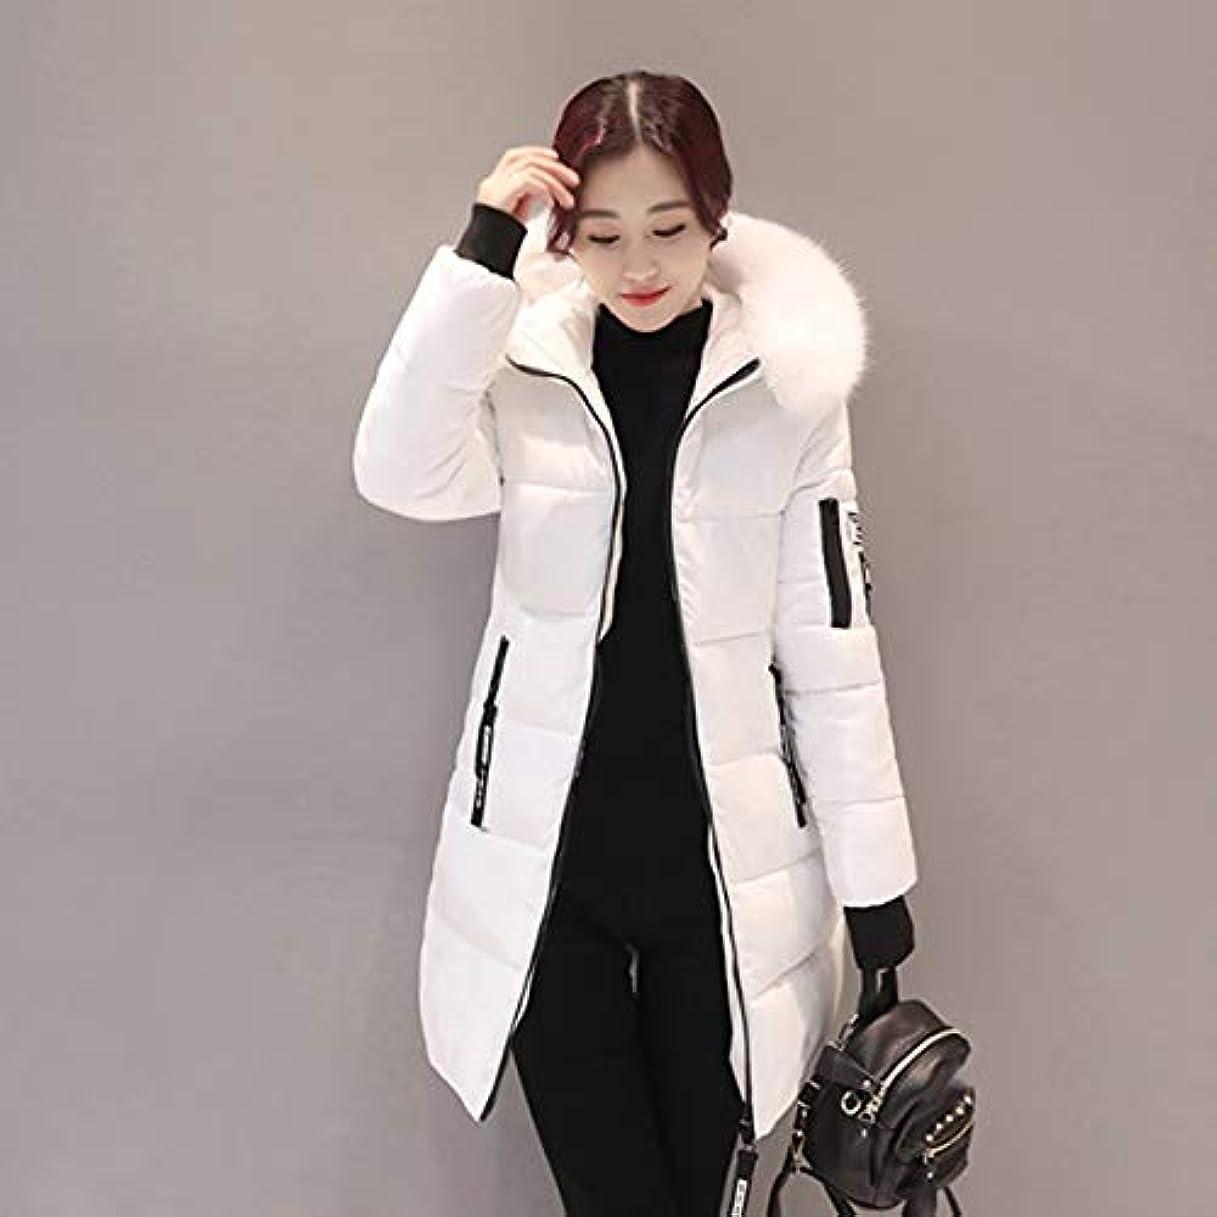 パール電卓パッケージ韓国スタイルの女性のコートファッションオールマッチフード付きダウンジャケット綿パッド入り厚く暖かいコートミドルロング冬生き抜くコート-ホワイトL